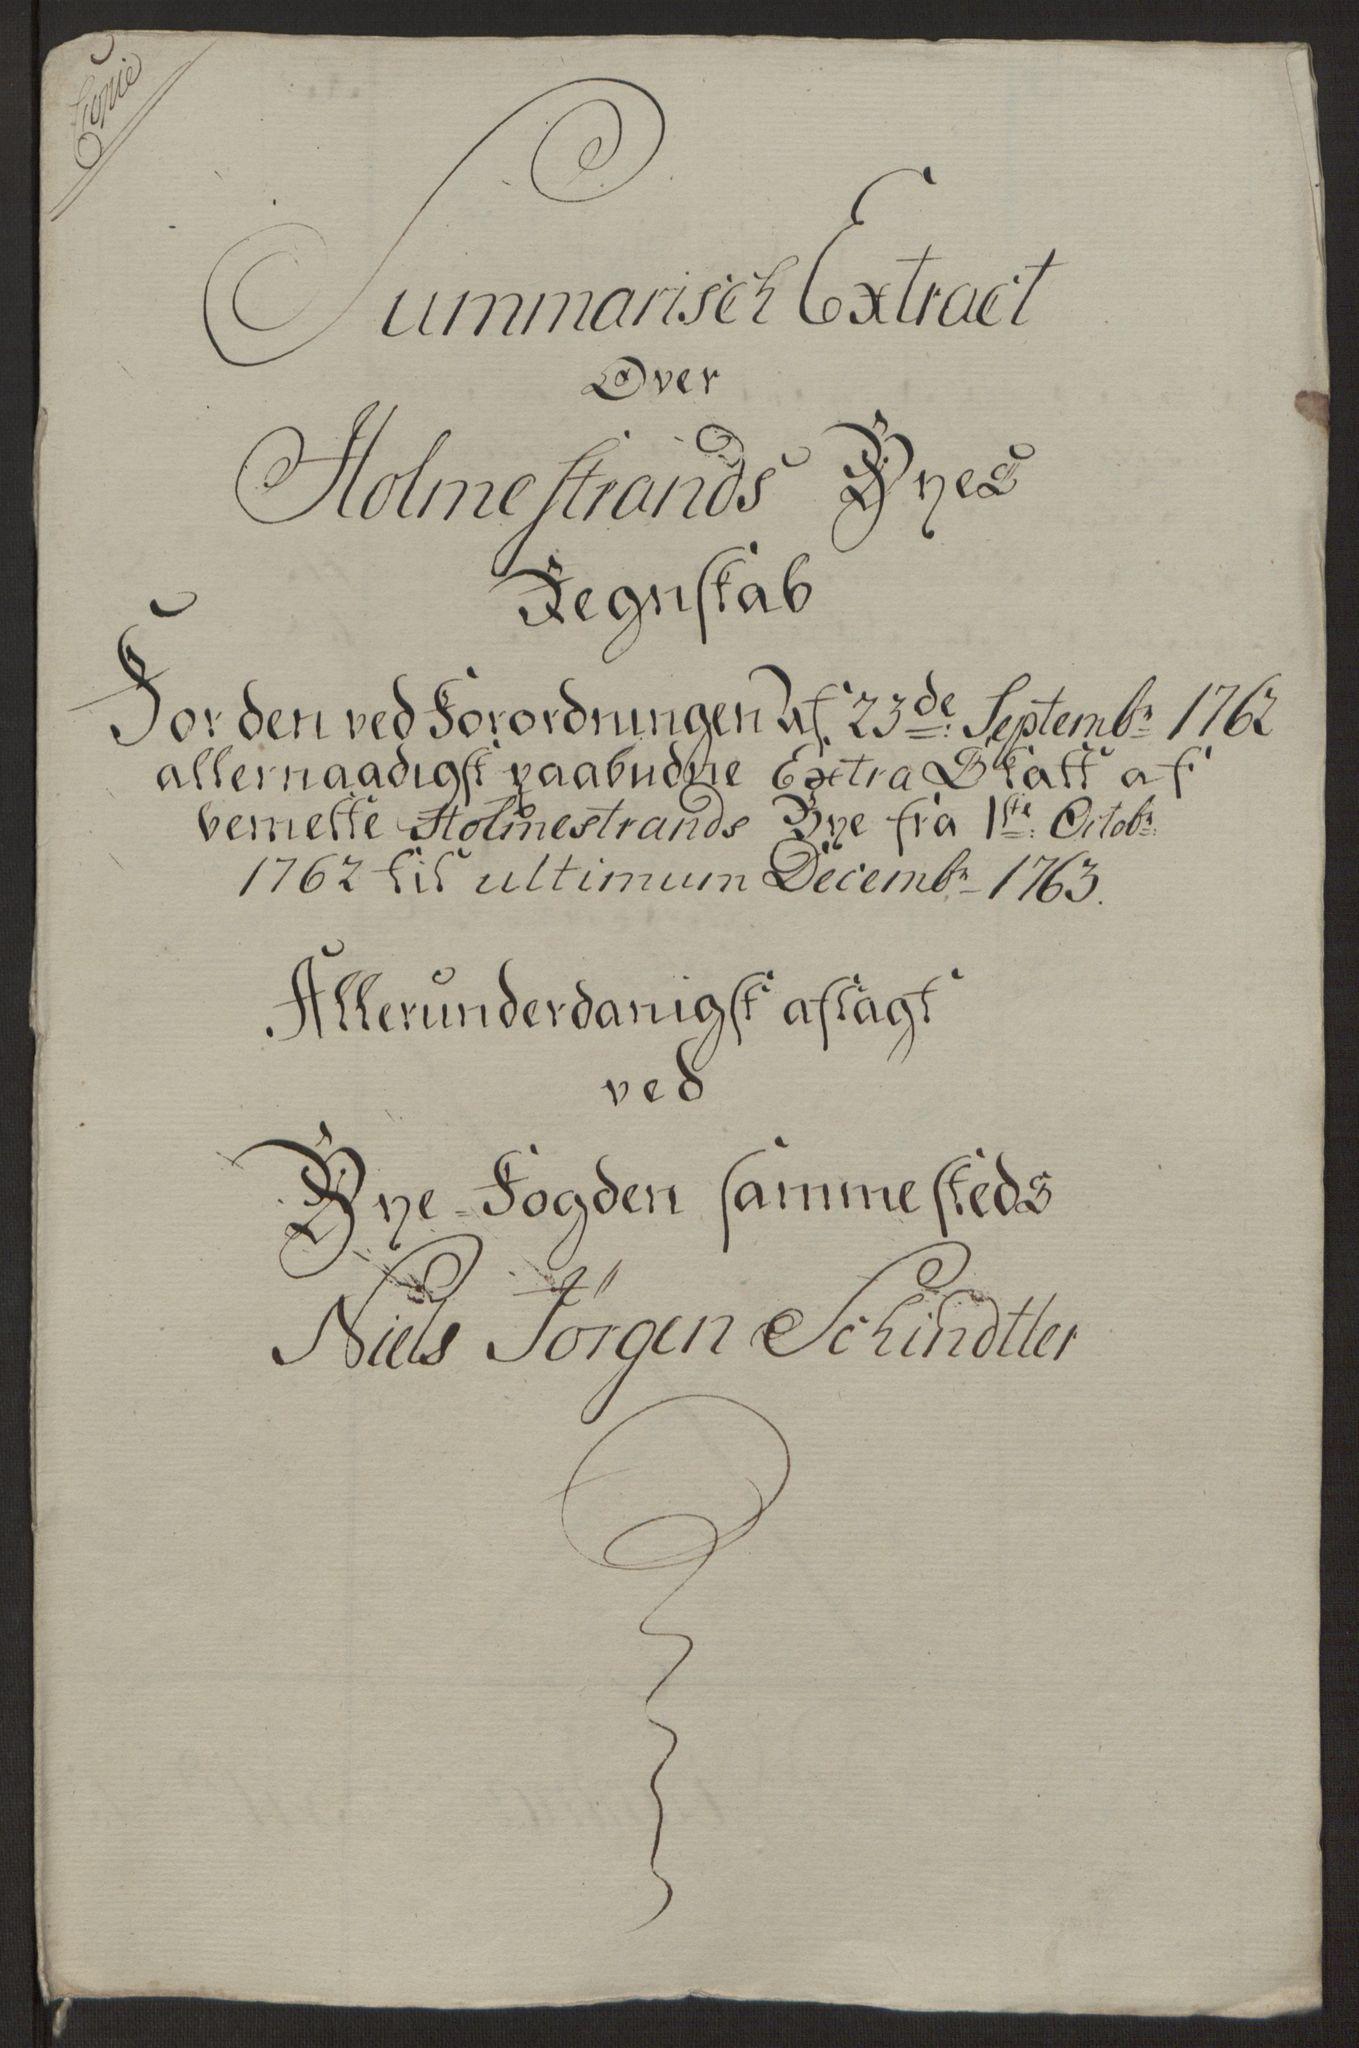 RA, Rentekammeret inntil 1814, Reviderte regnskaper, Byregnskaper, R/Rh/L0163: [H4] Kontribusjonsregnskap, 1762-1772, s. 35